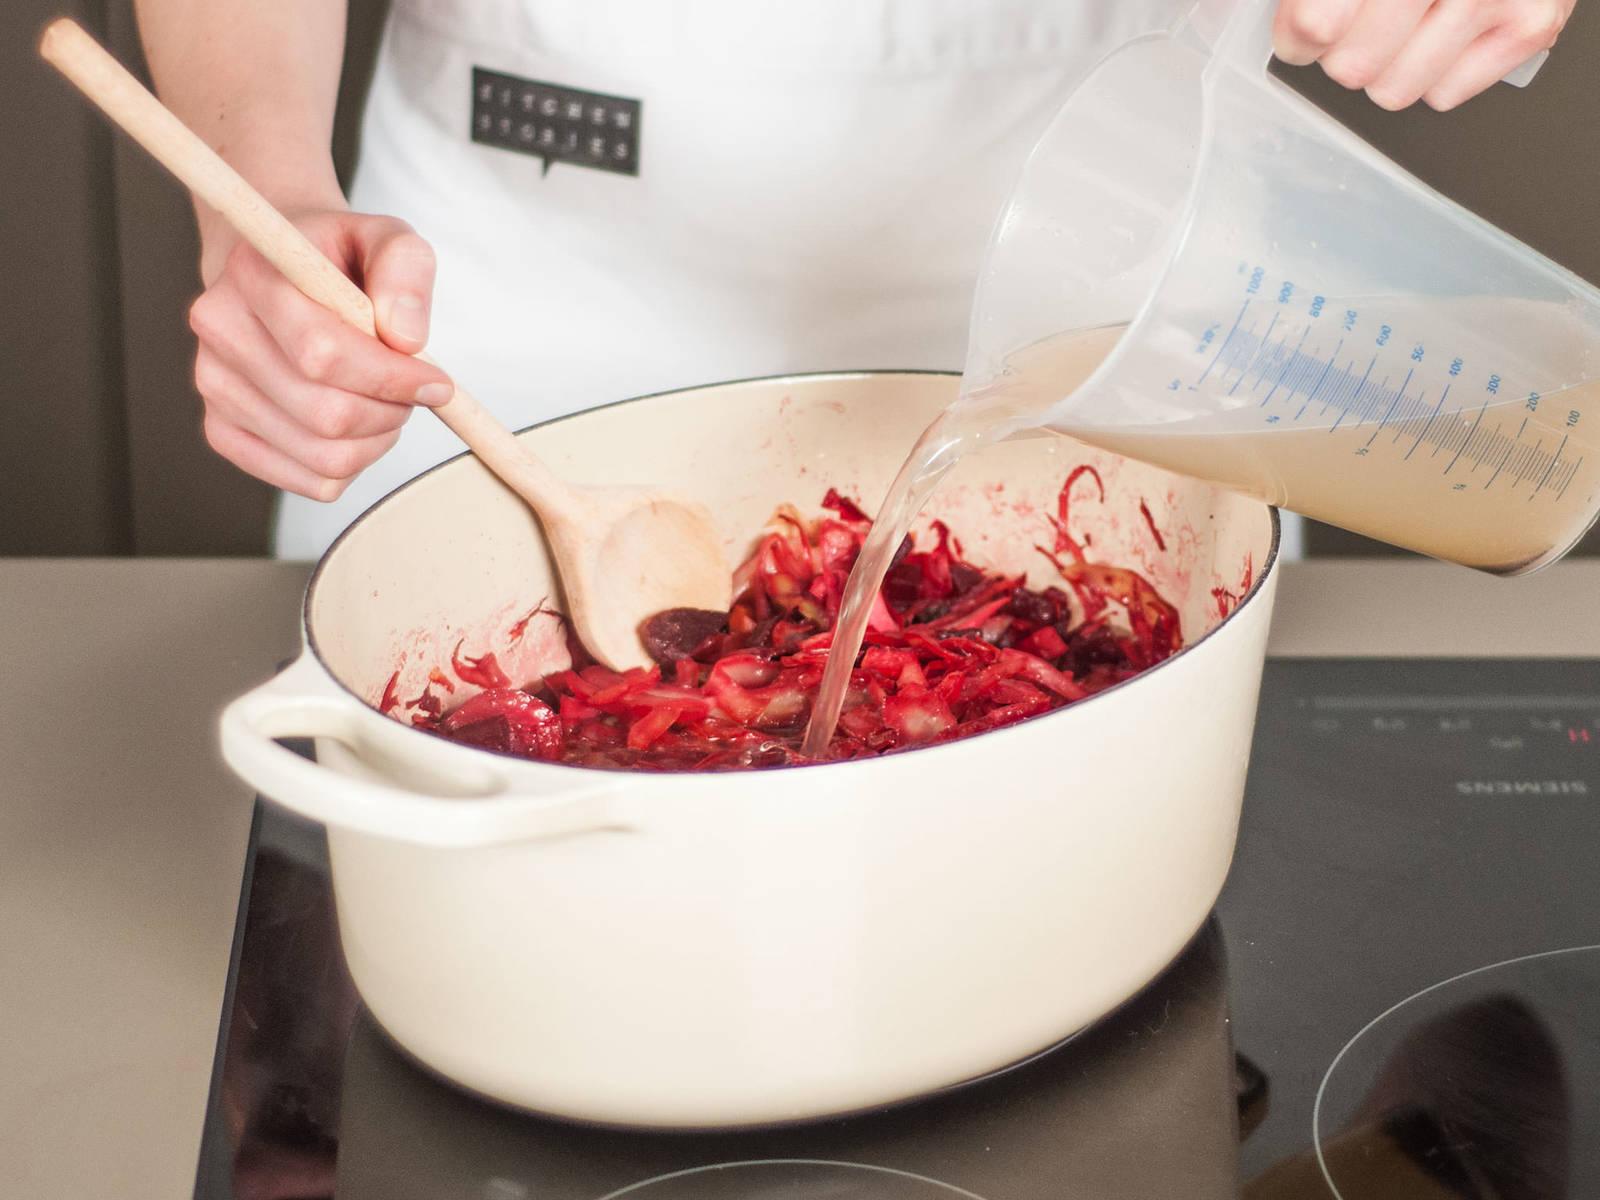 沥出牛肉与猪肉,放置一旁备用。将煮肉的汤加入煮蔬菜的锅中,继续煮10-15分钟收汁。